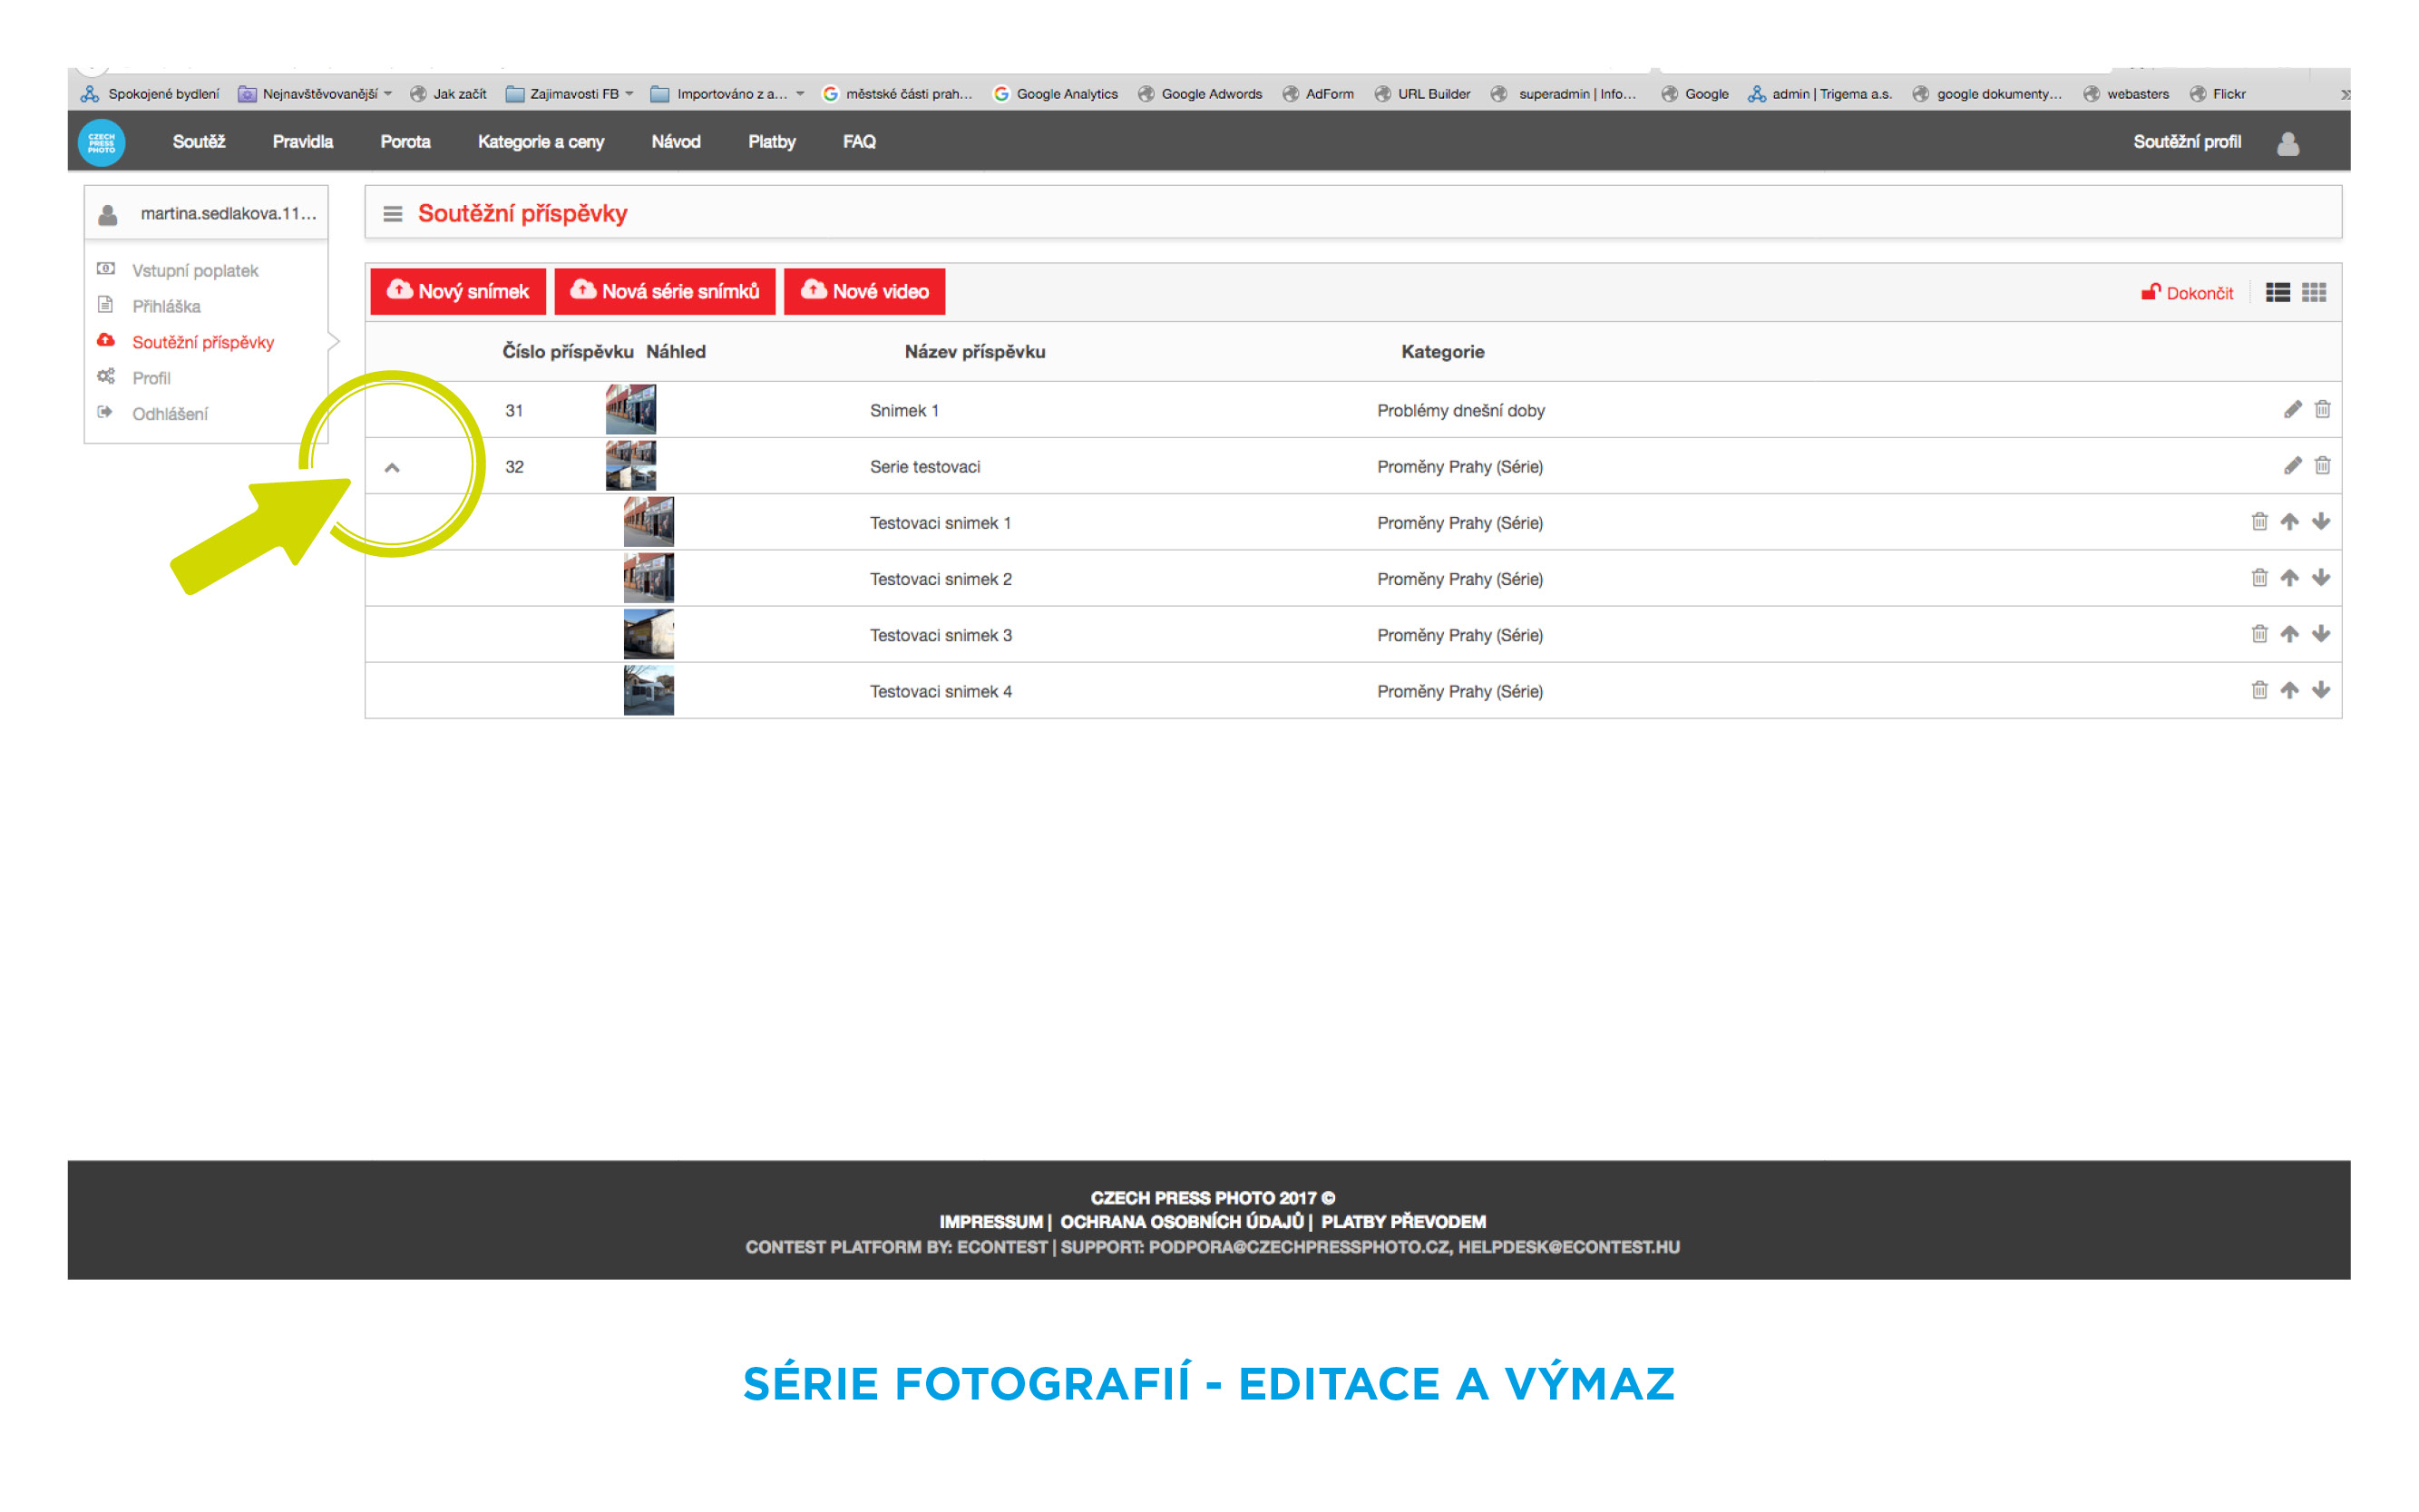 serie fotografií - editace, výmaz náhledy